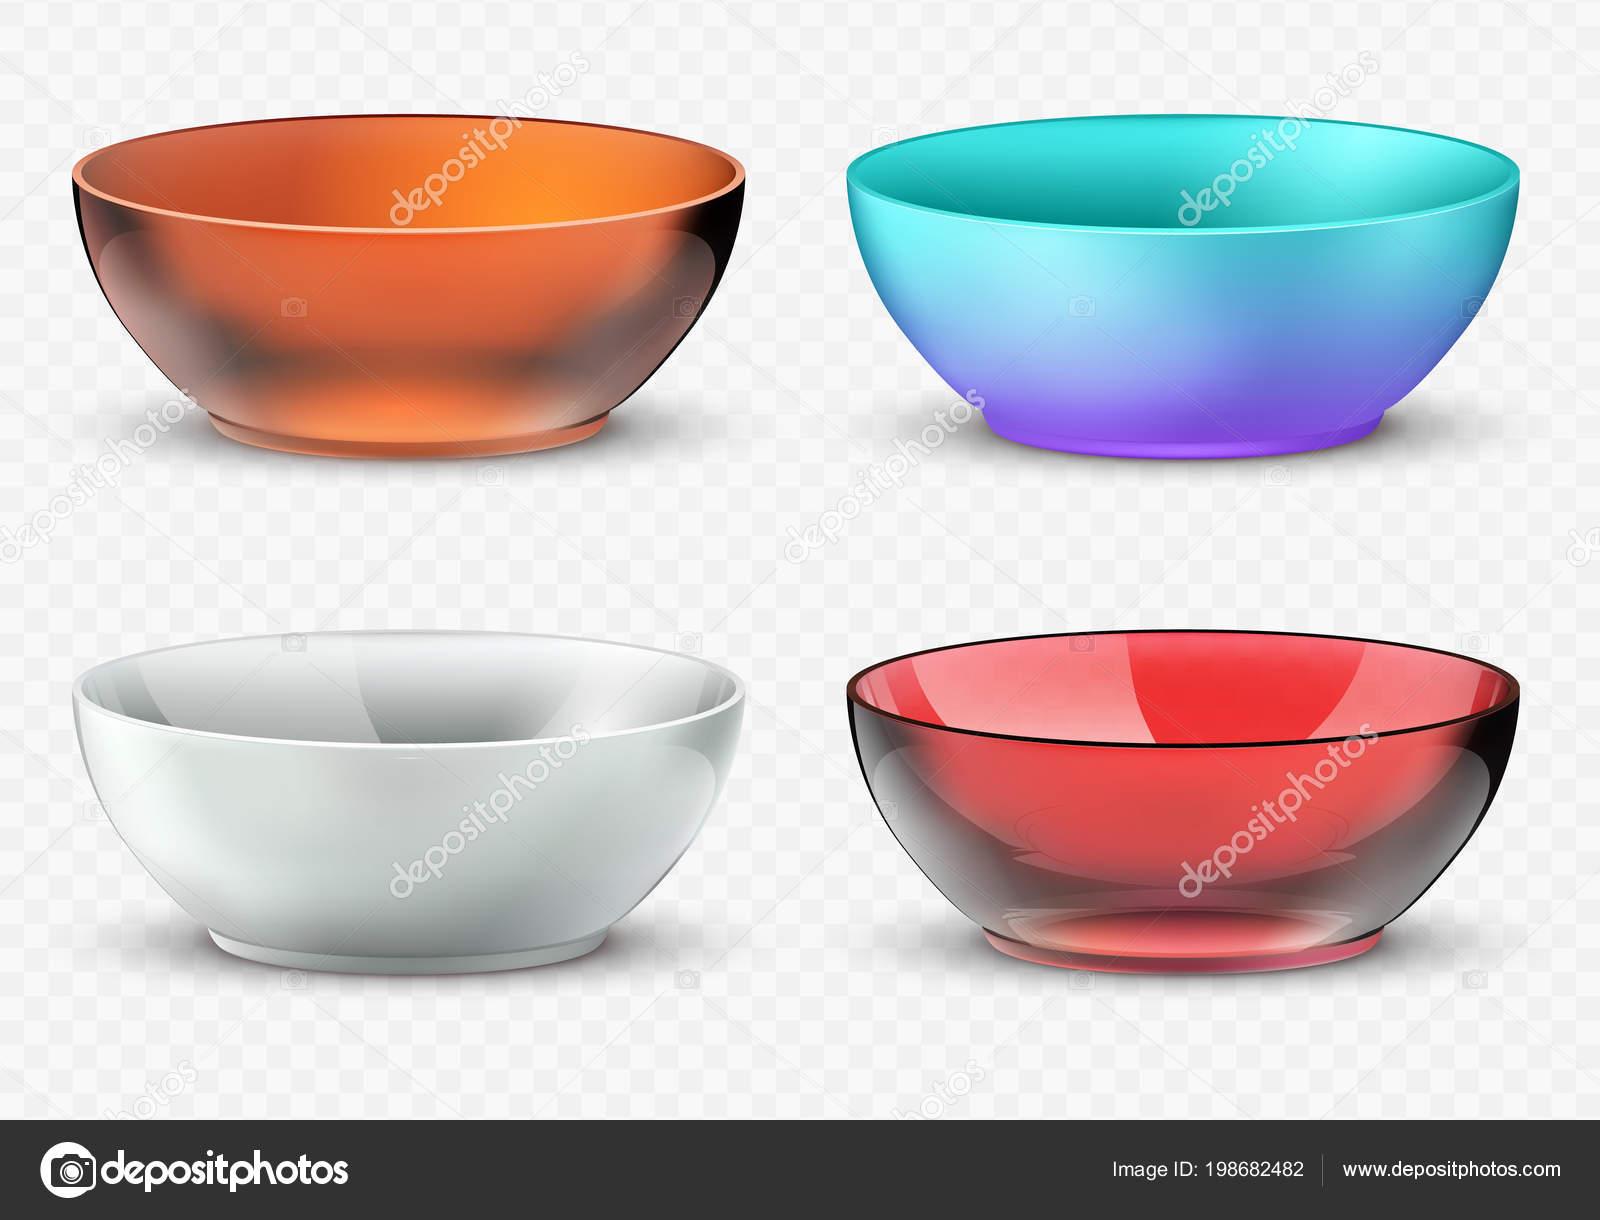 en soldes 46400 b36ba Bols de nourriture vide vecteur réaliste. Set de vaisselle ...